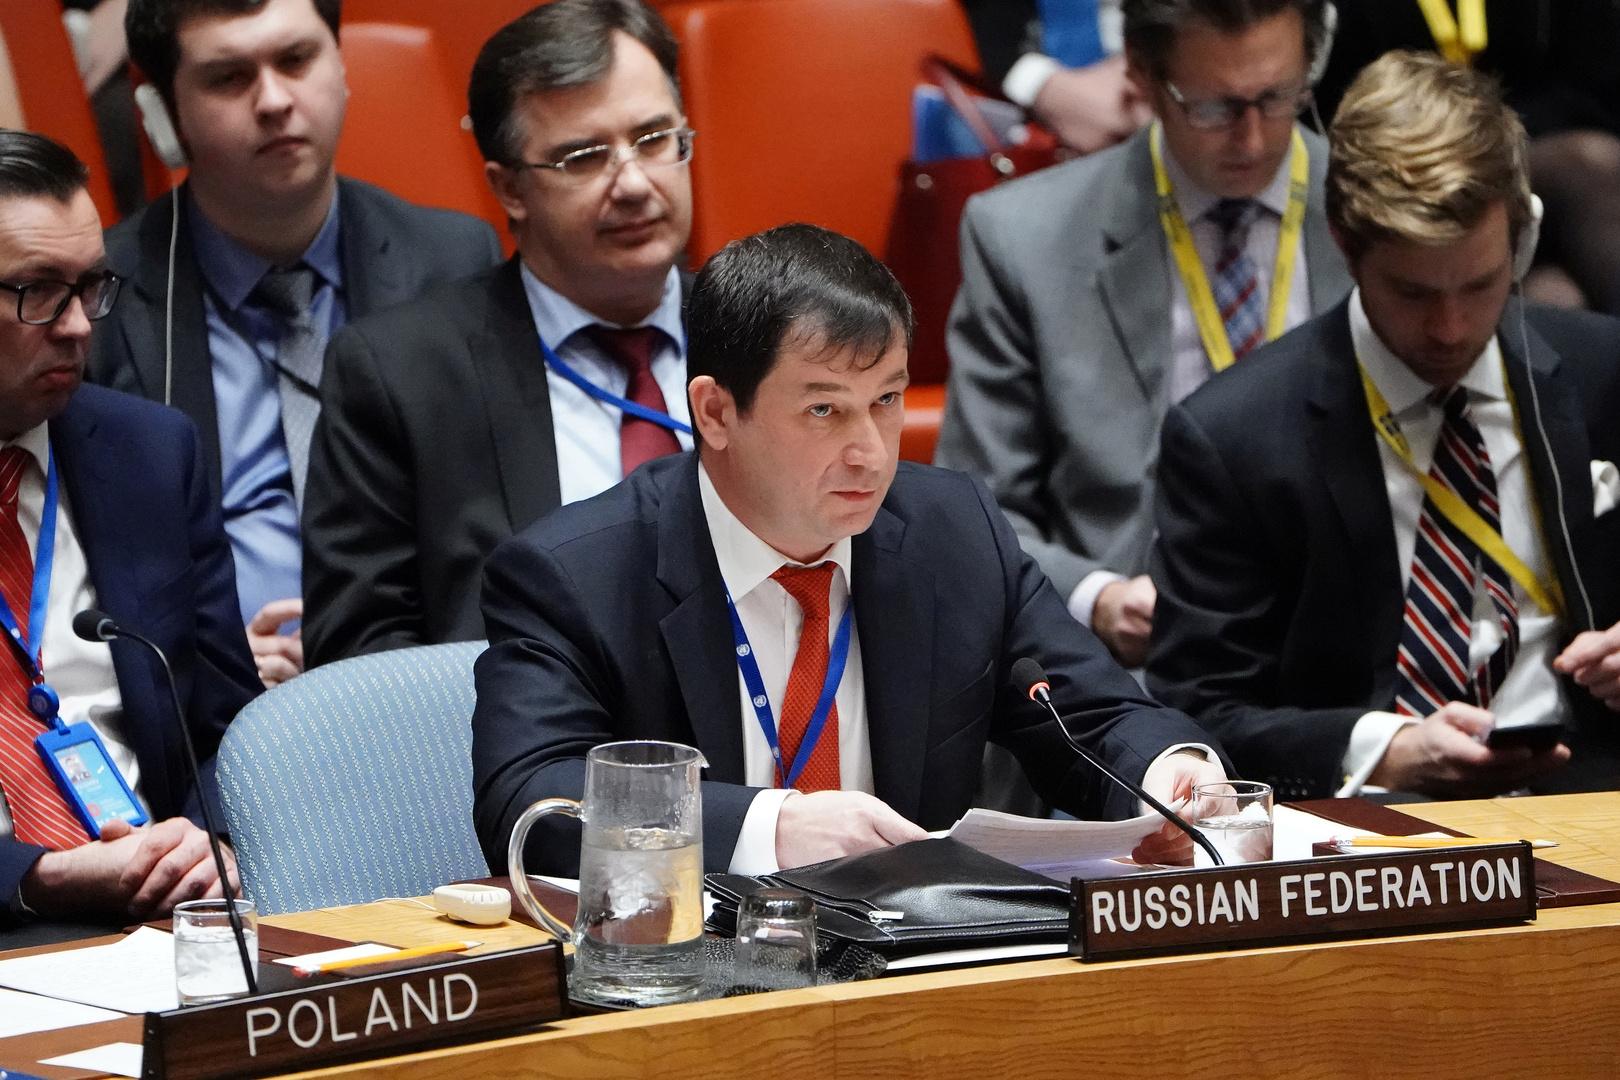 نائب المندوب الروسي لدى الأمم المتحدة دميتري بوليانسكي